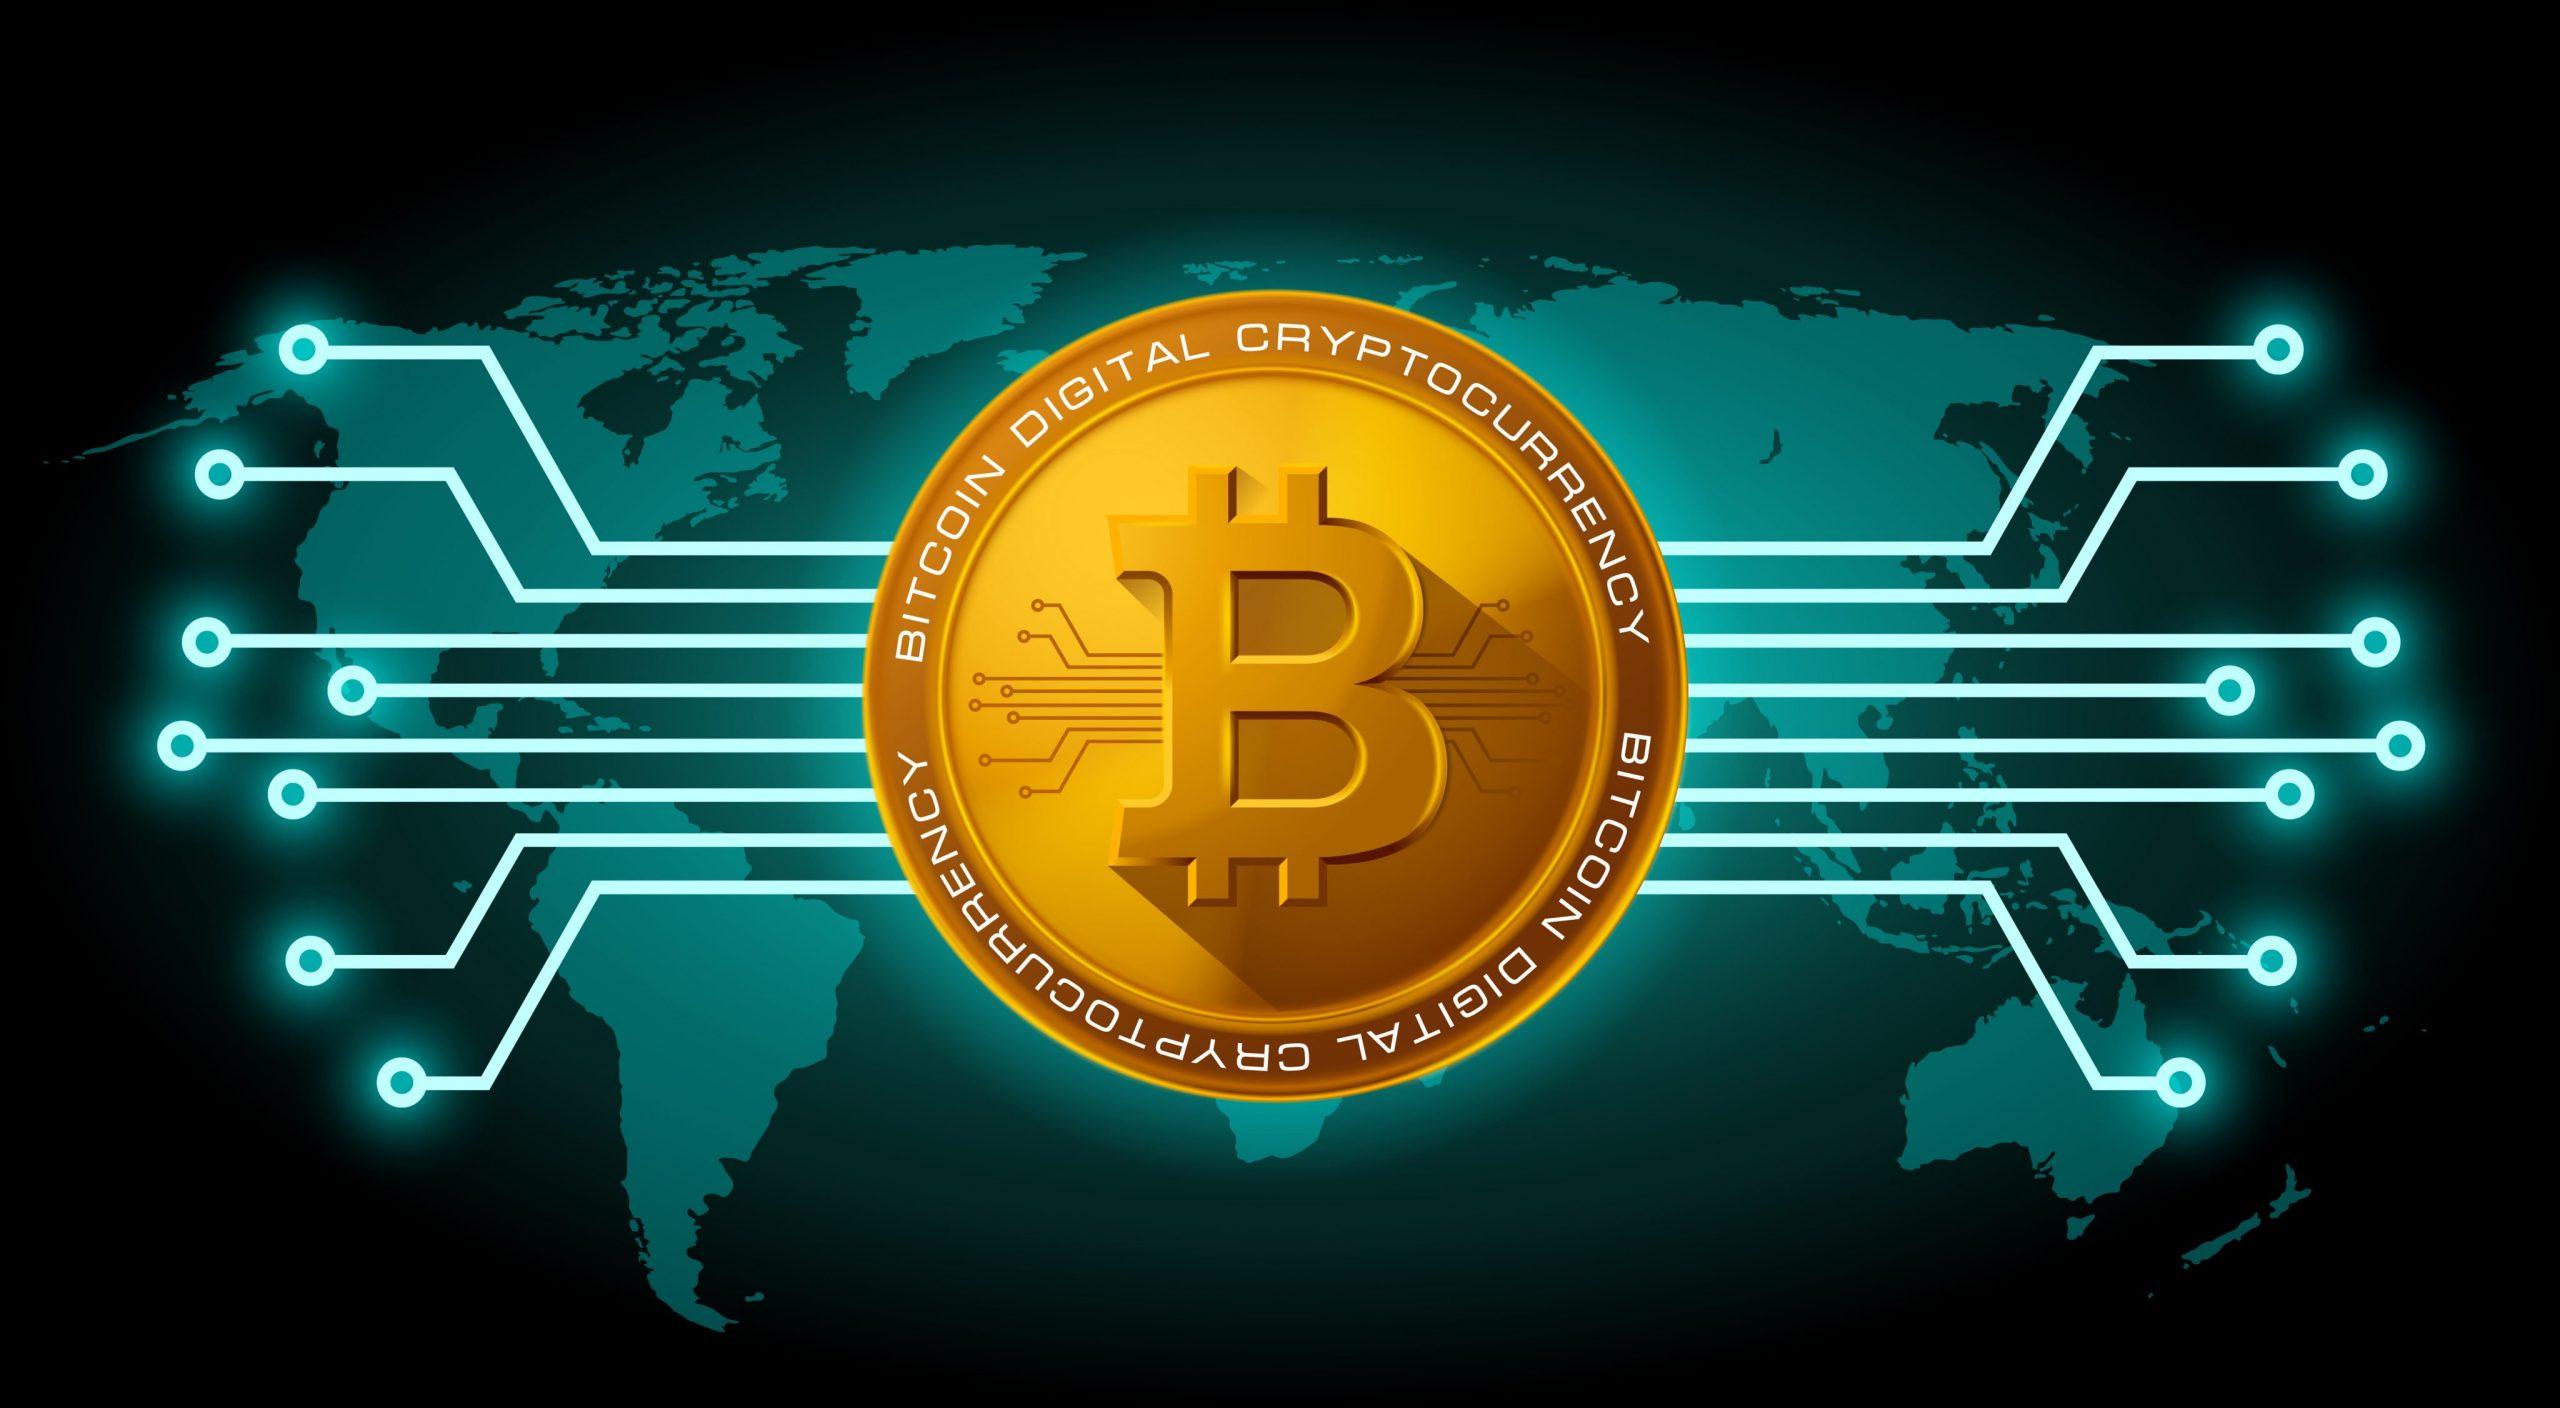 hogyan lehet a bitcoinhoz jutni a blockchainen keresztül 80 százalékos bináris opciós stratégia